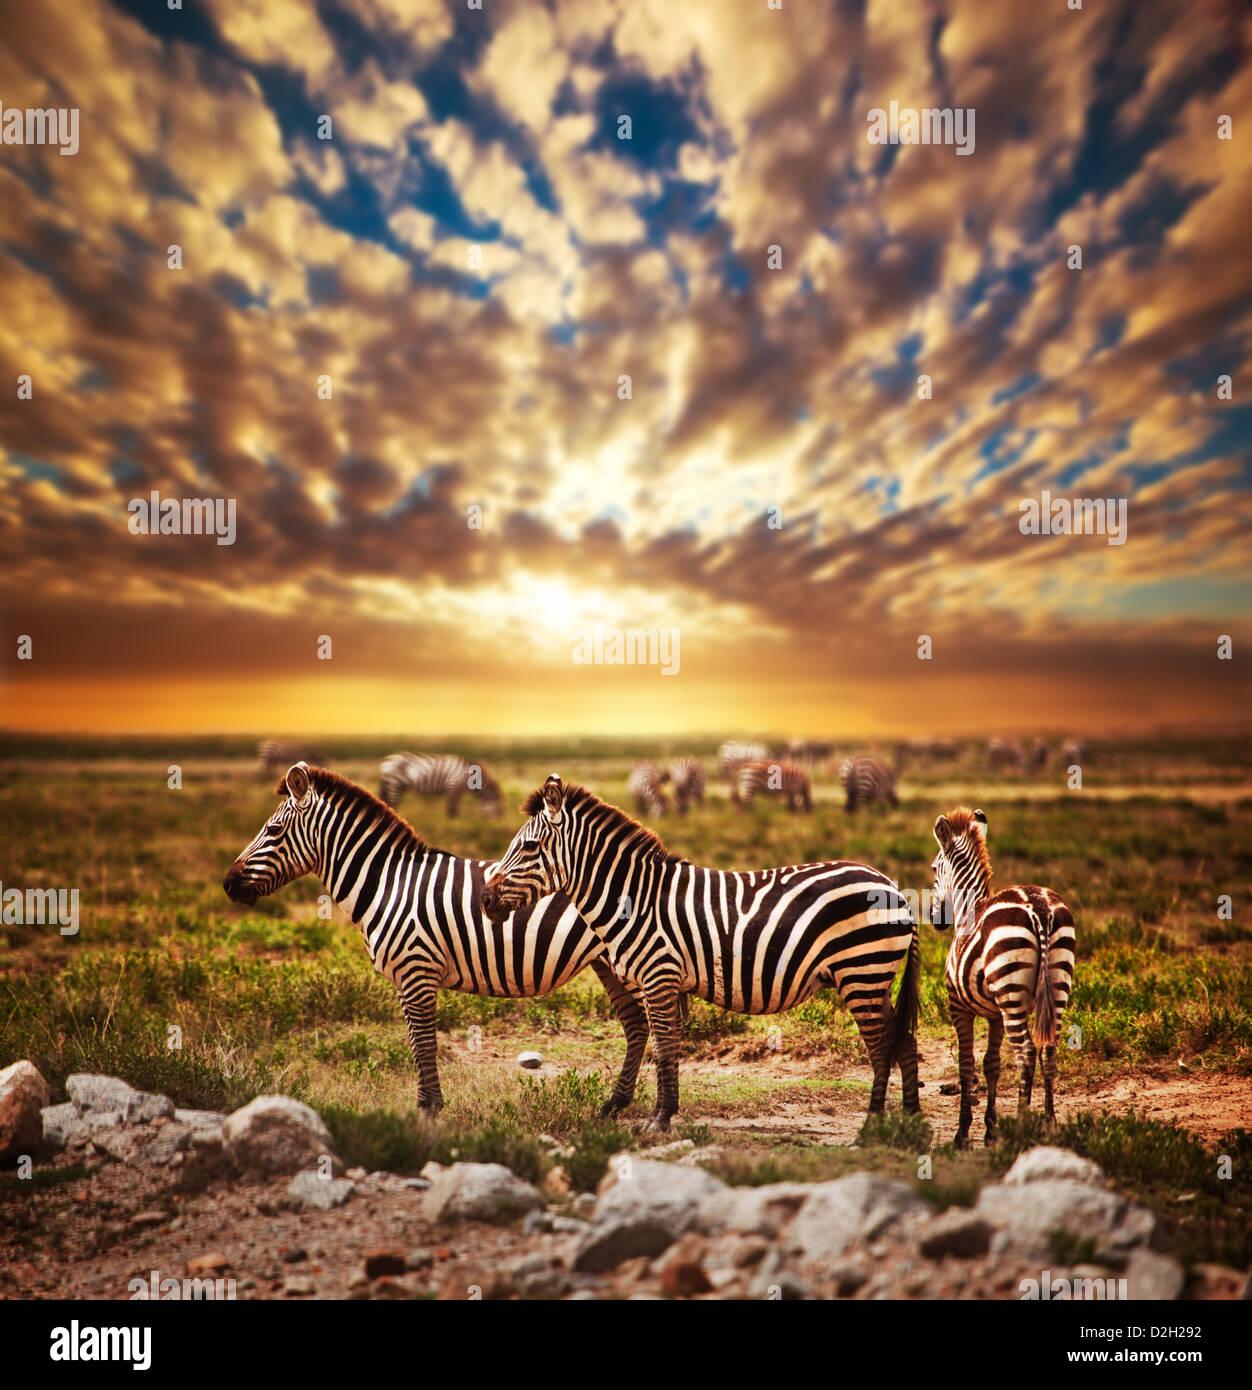 Cebras rebaño en la sabana al atardecer, África. Safari en el Parque nacional Serengeti, Tanzania Imagen De Stock